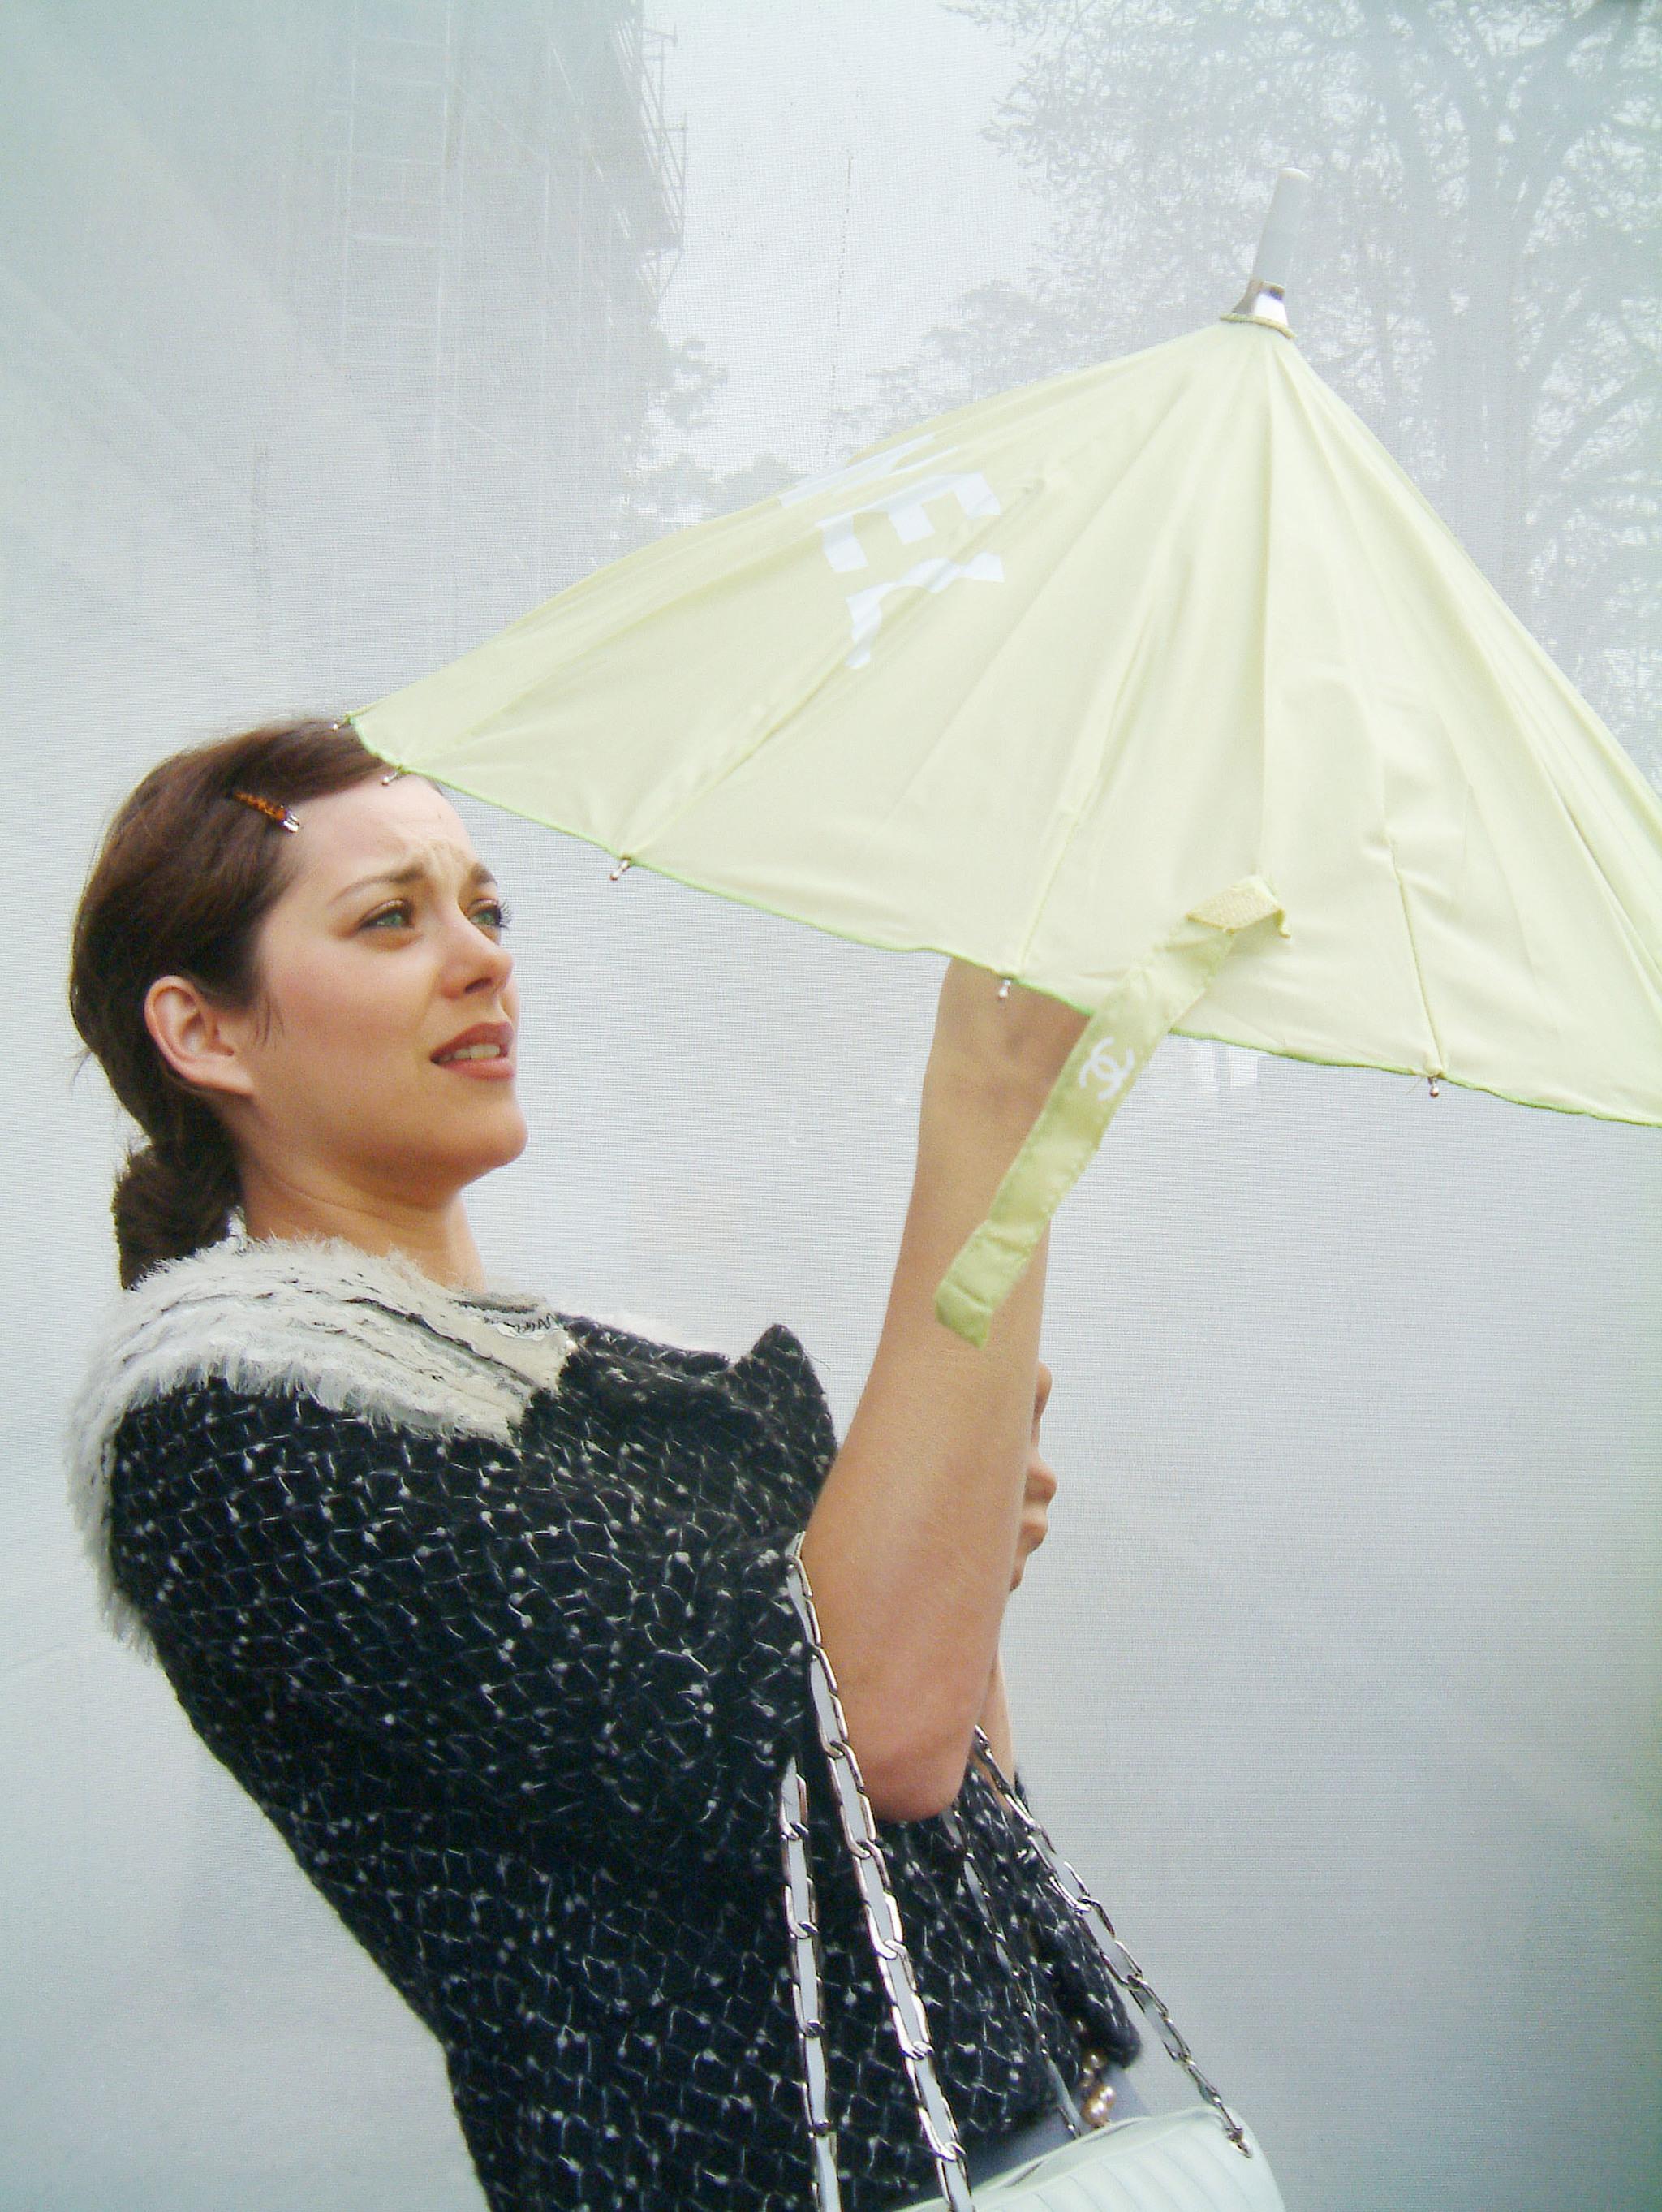 Tratando de cerrar su paraguas a la entrada del desfile de Chanel en 2005